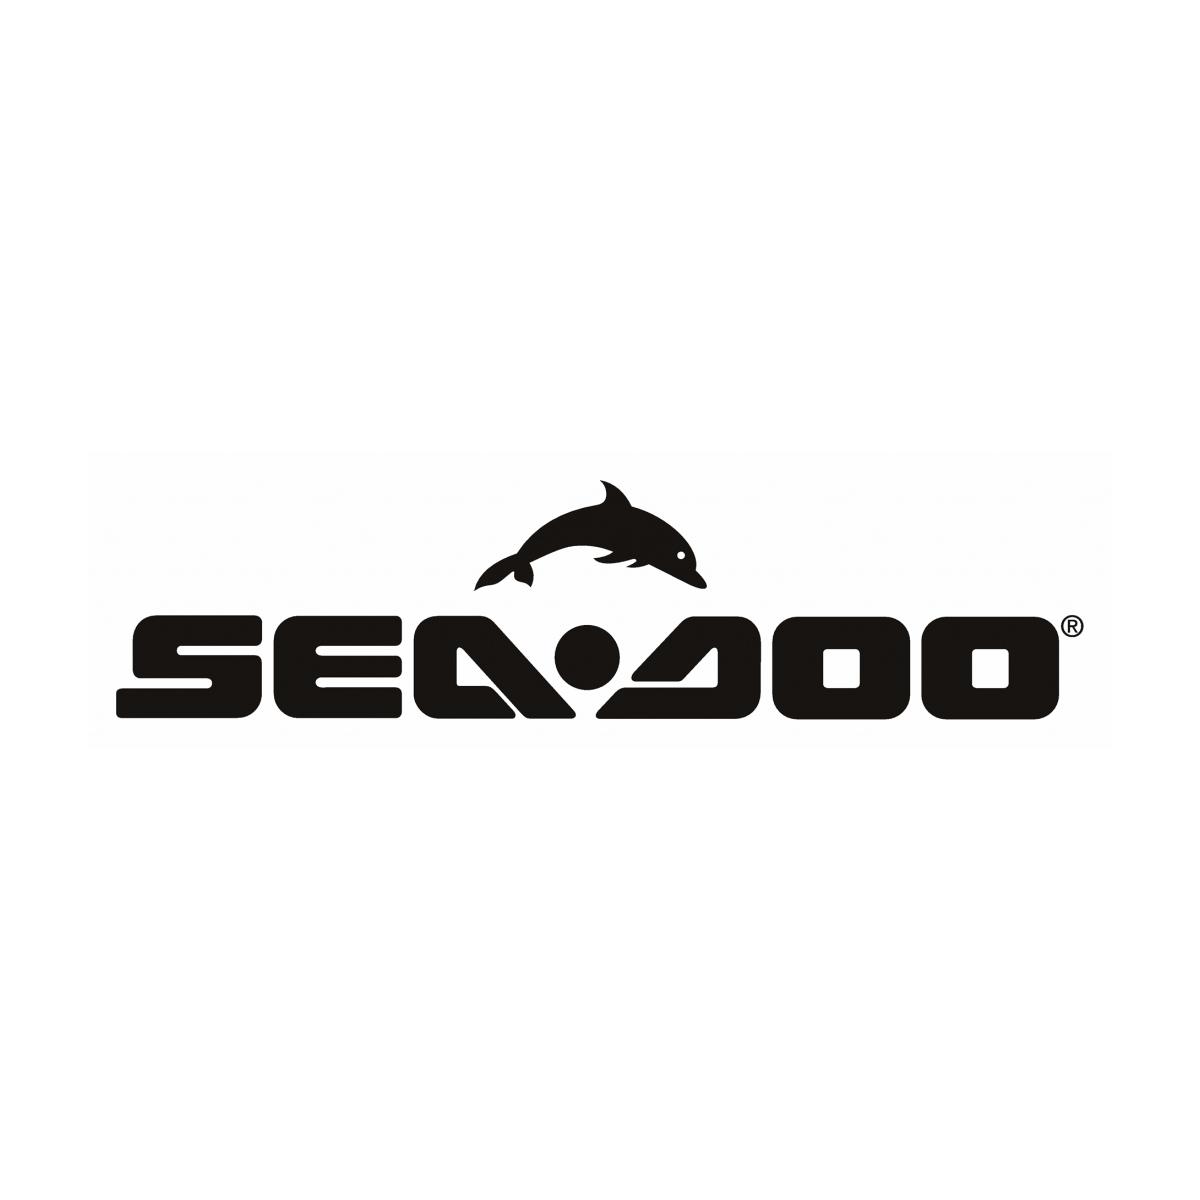 SEPARADOR VIRA PARA JET SKI SEA DOO 700 USADO  - Radical Peças - Peças para Jet Ski